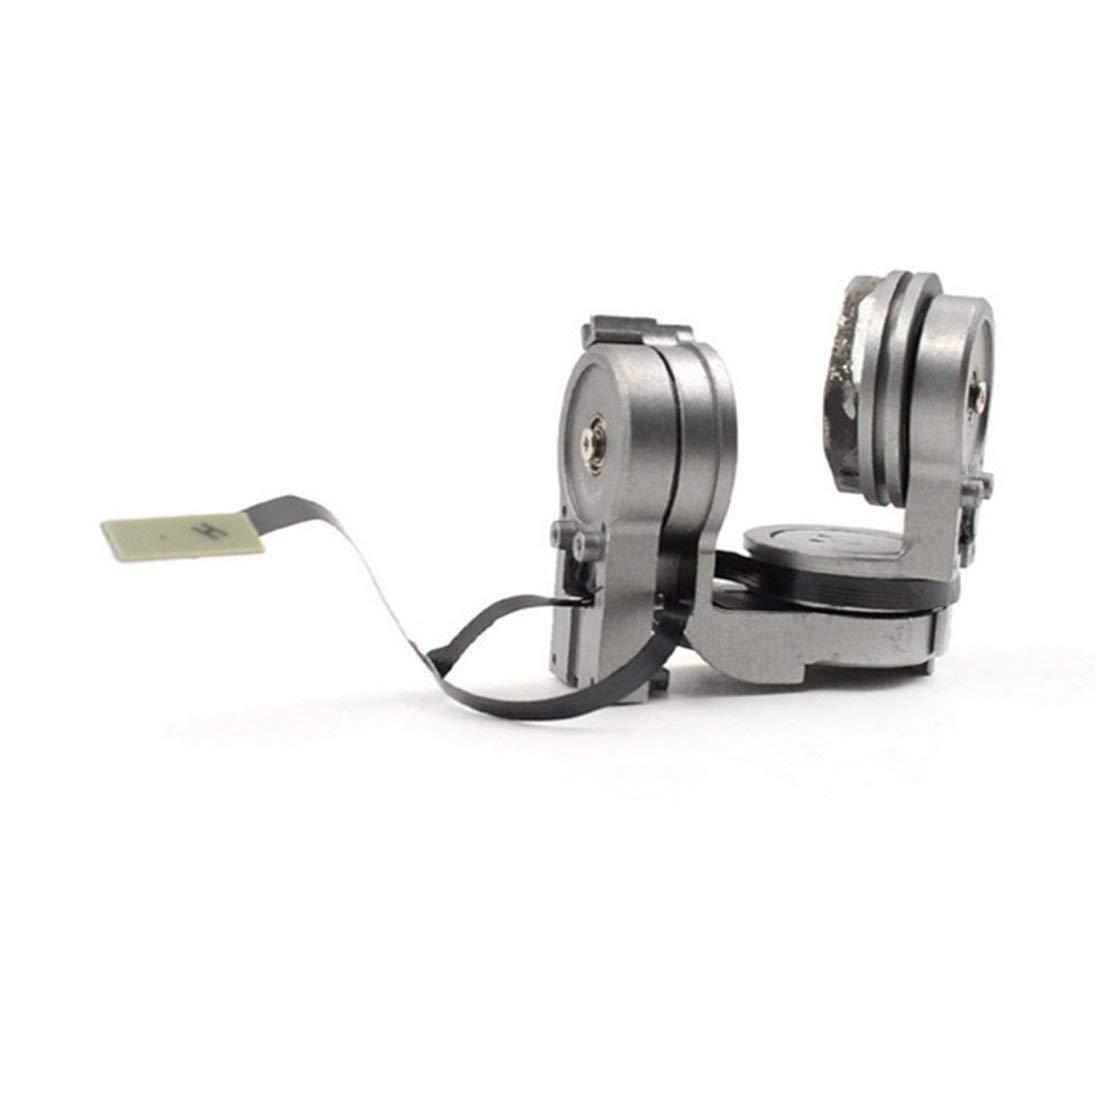 ToGames Drone Gimbal Camera Arm con Piezas Planas Flex Cable Repair para dji Mavic Pro (Color: Plateado)